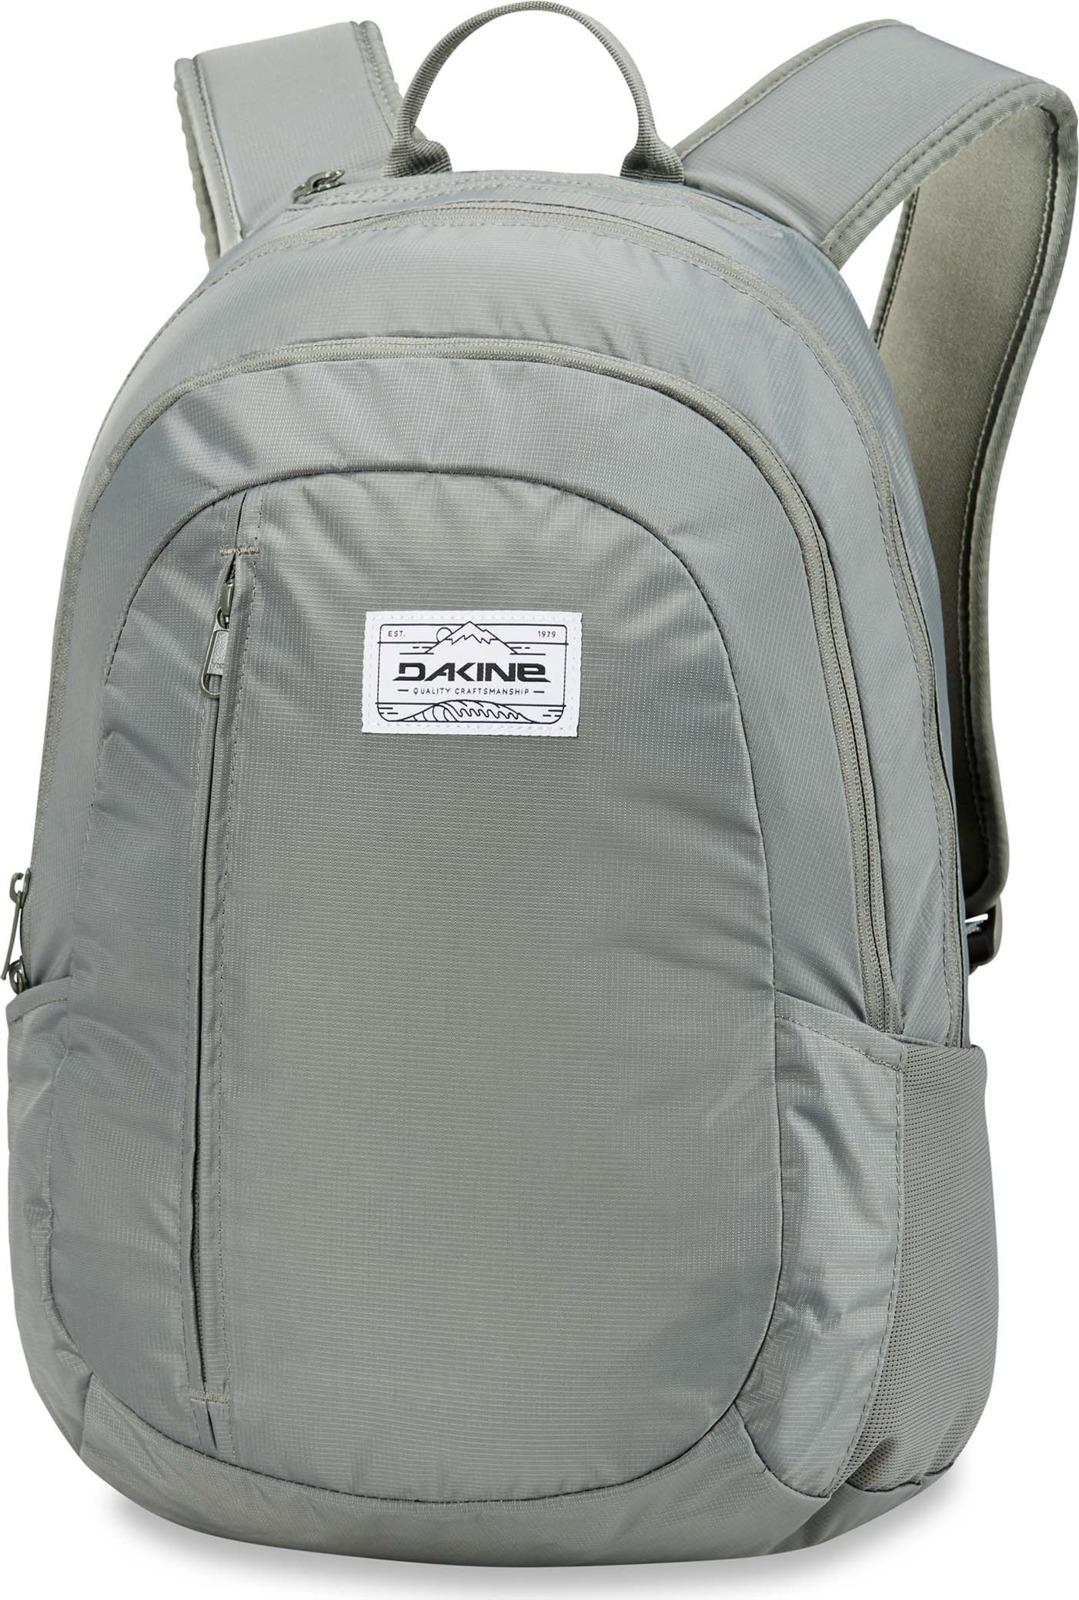 Рюкзак Dakine Factor, цвет: темно-серый, 22 л